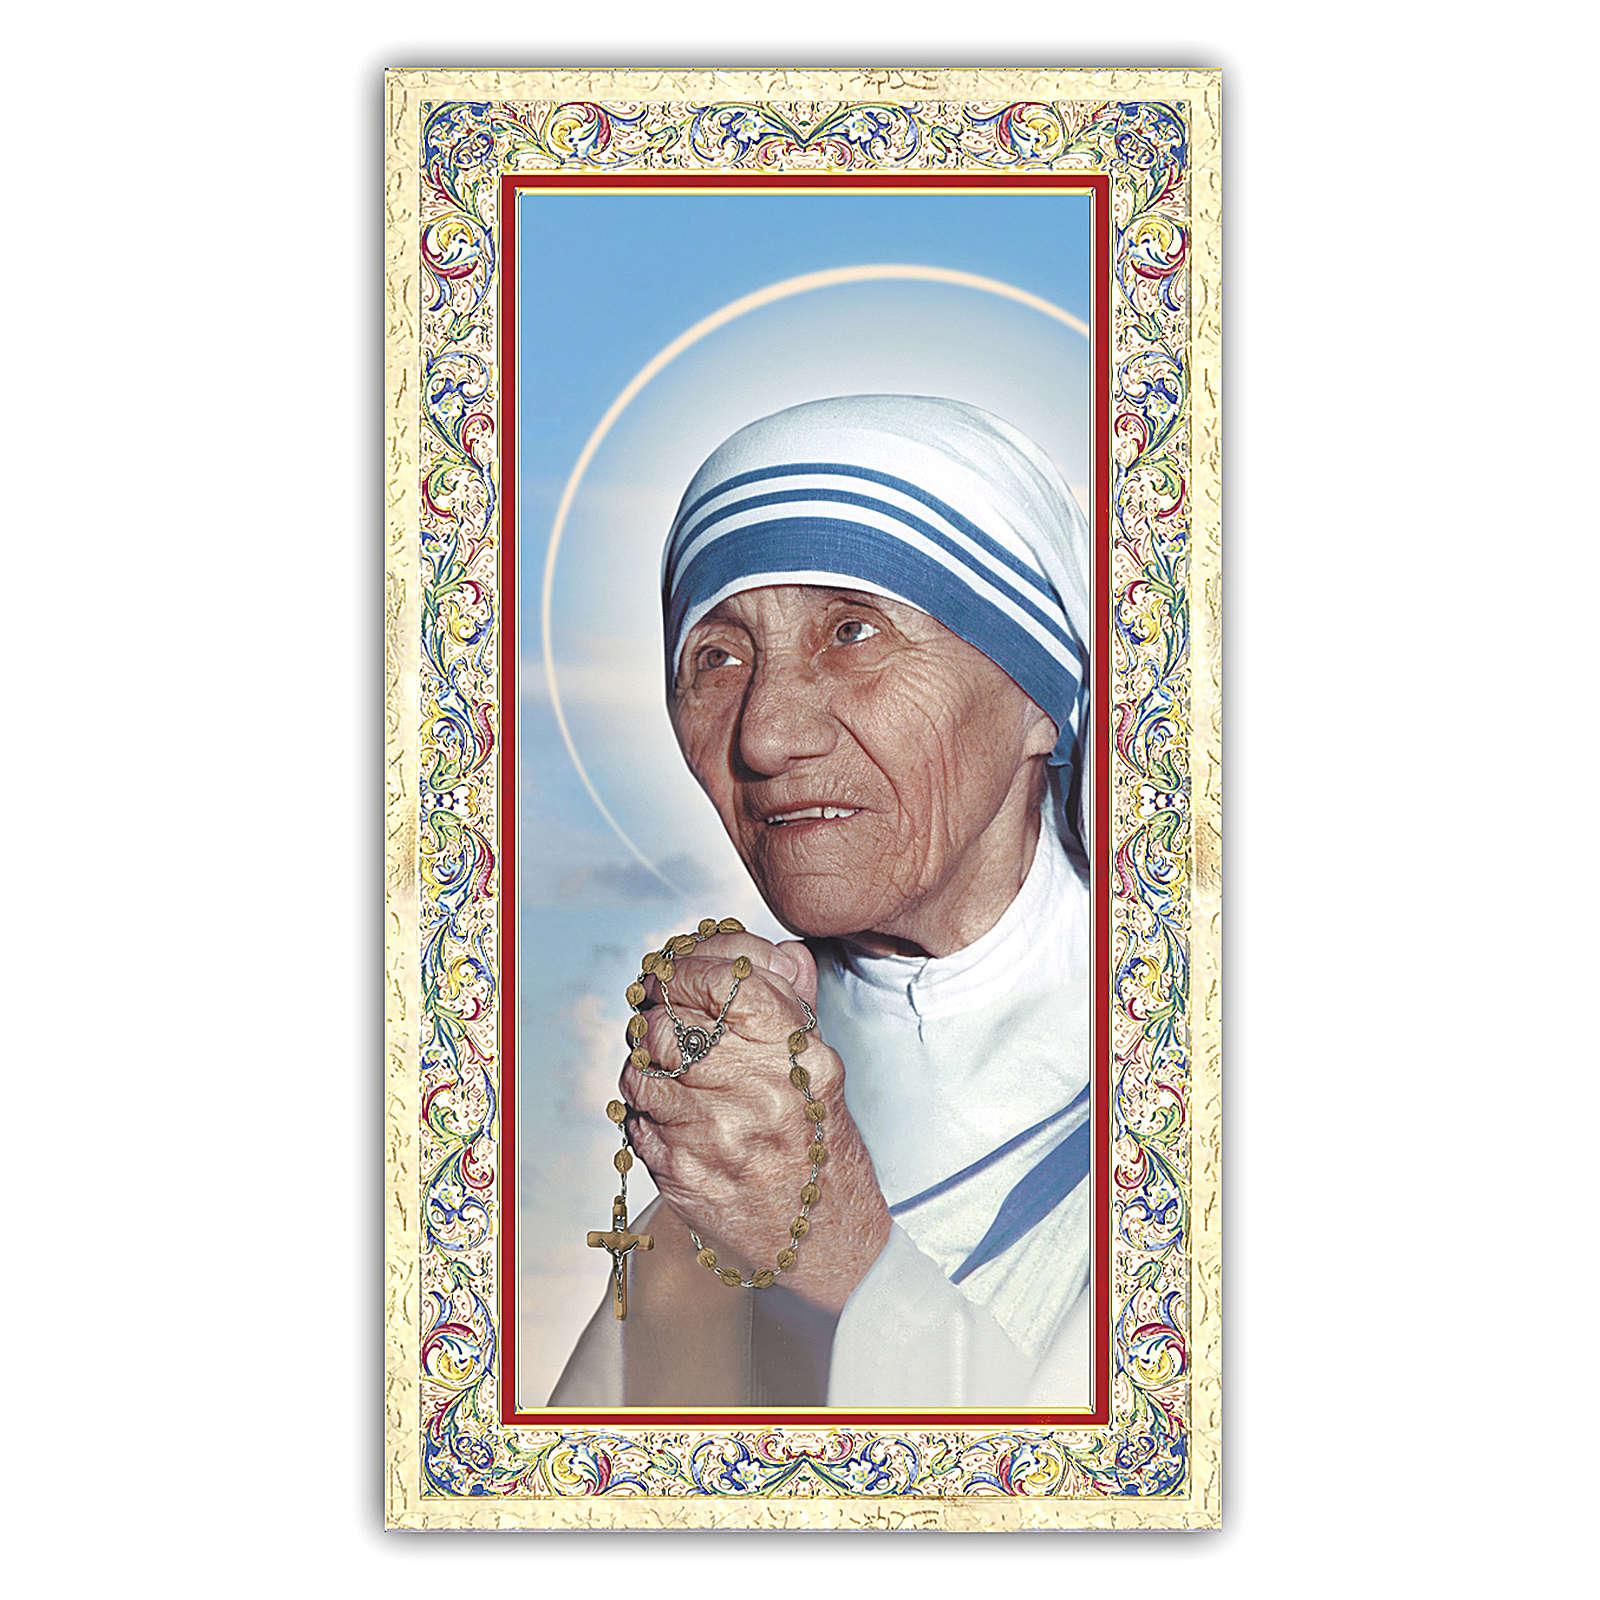 Estampa religiosa Madre Teresa de Calcuta 10x5 cm ITA 4